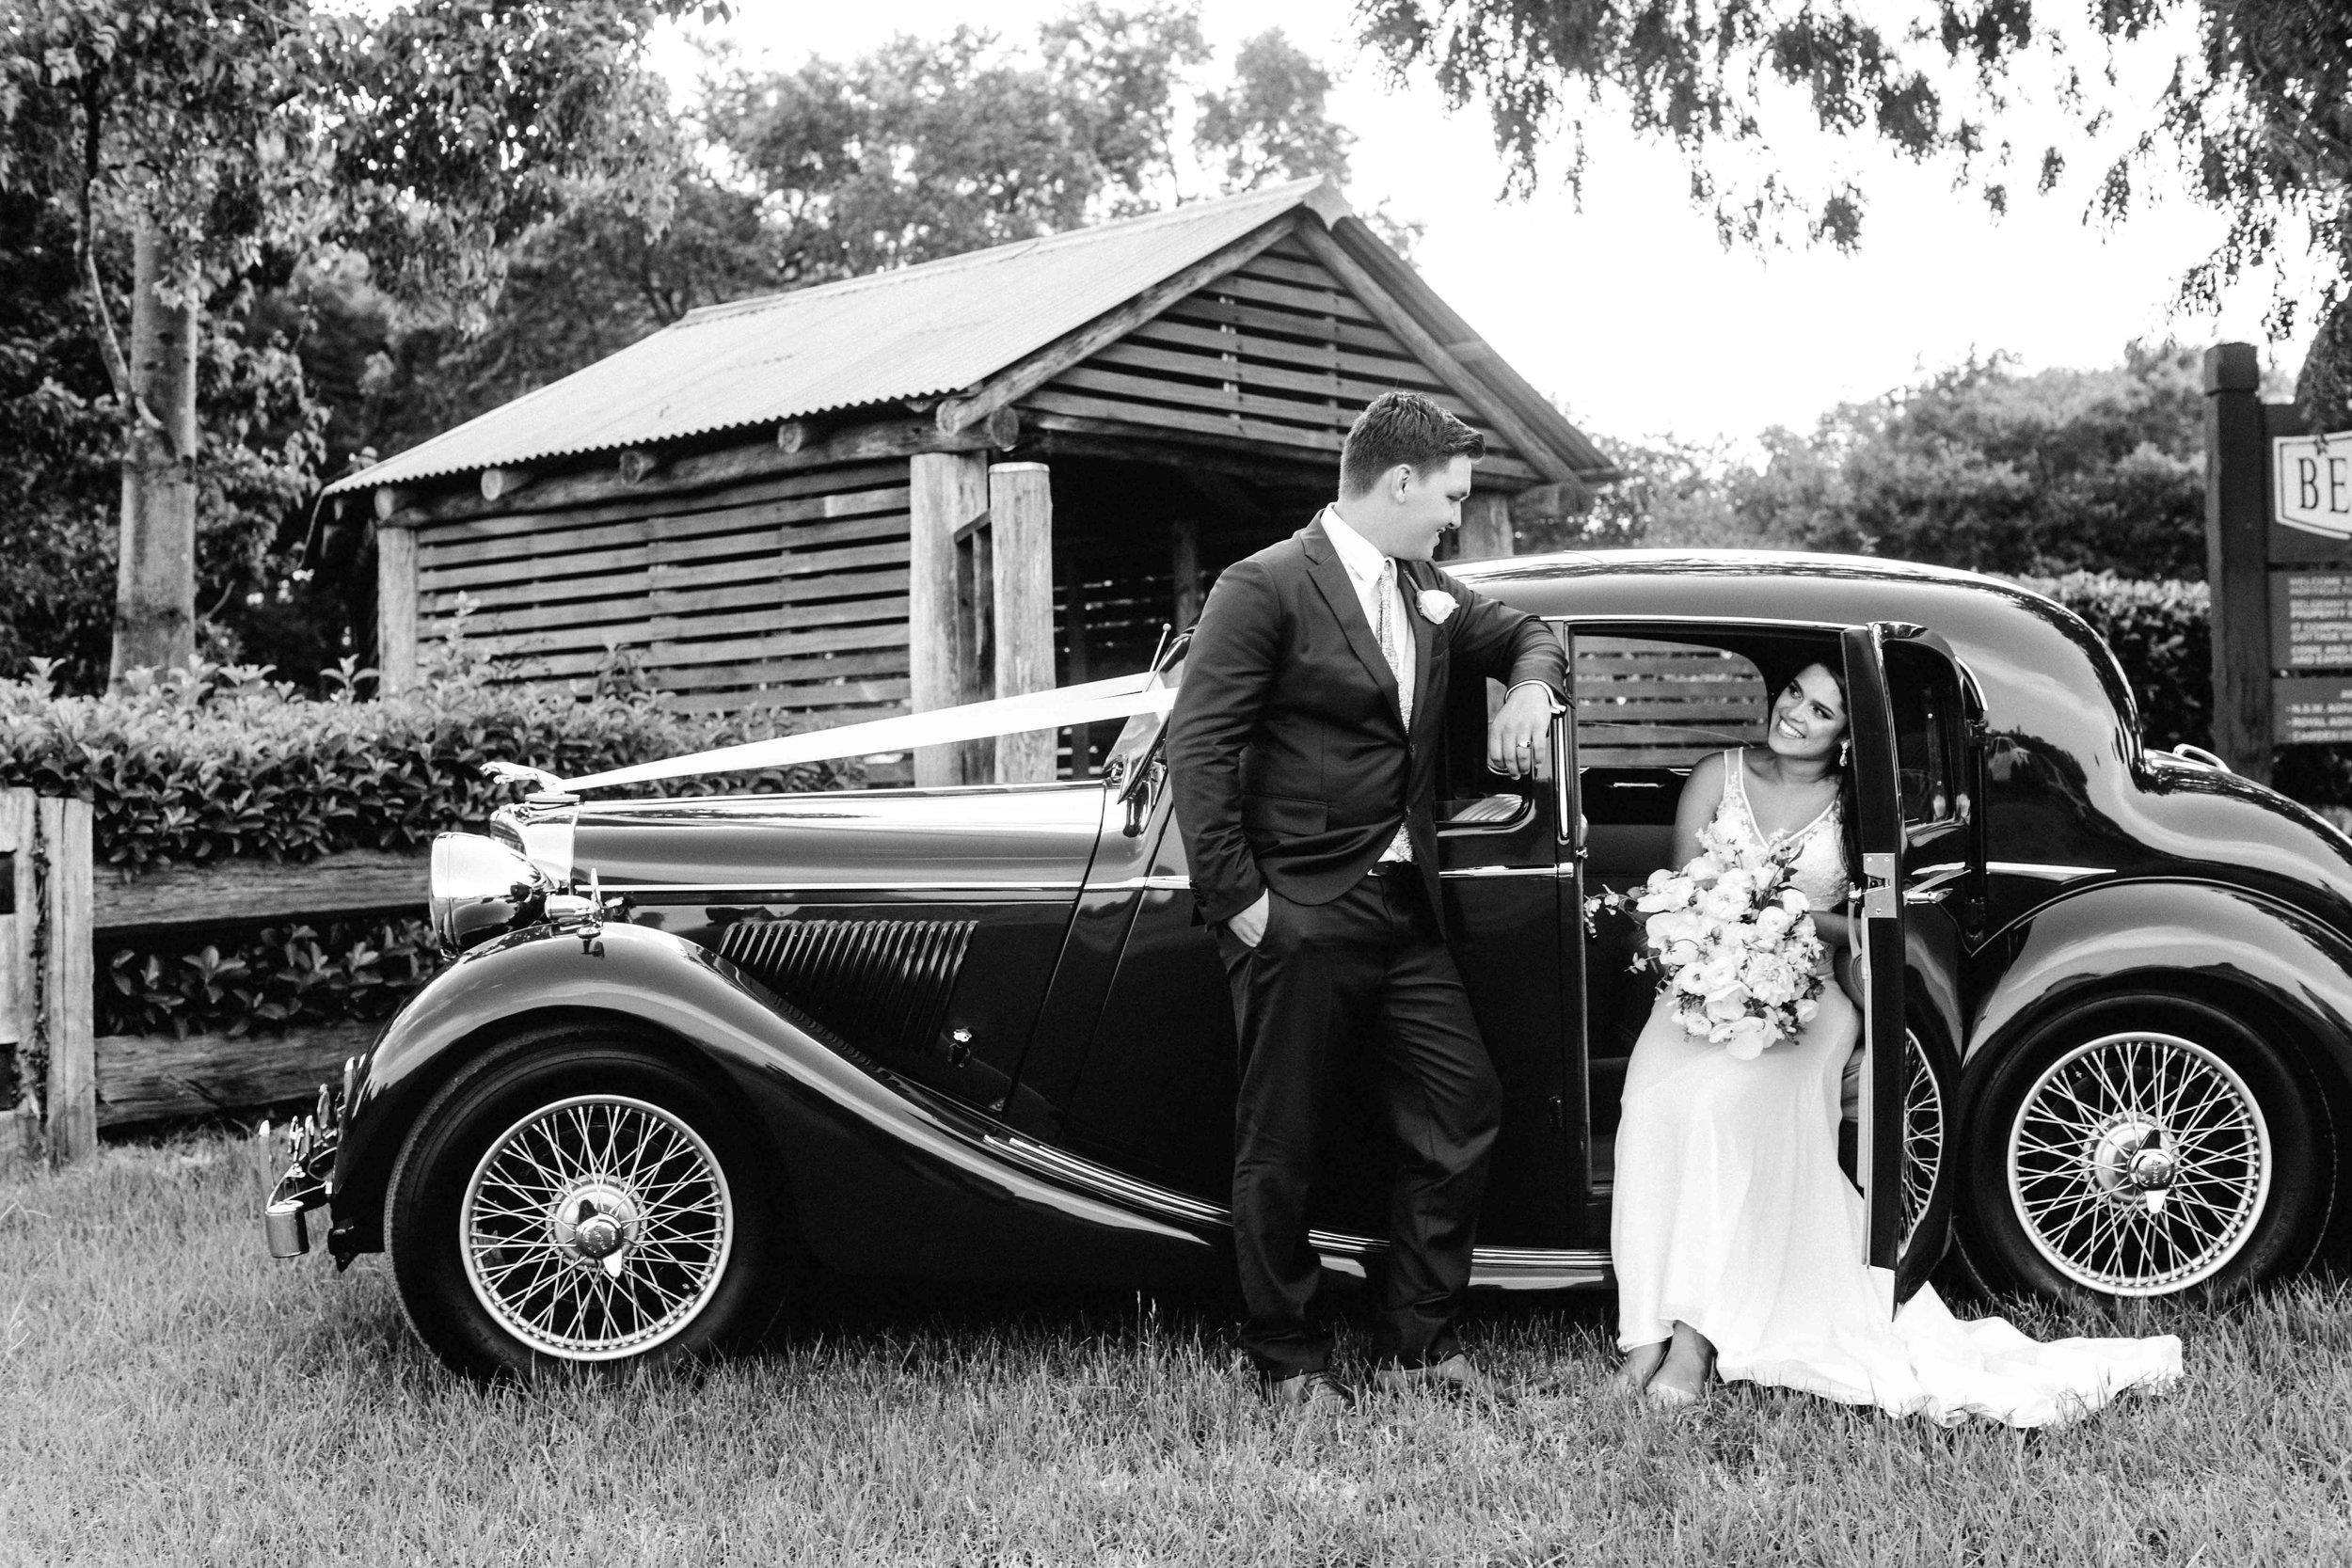 www.emilyobrienphotography.net-belgenny-farm-wedding-camden-photography-maddie-andrzej-113.jpg